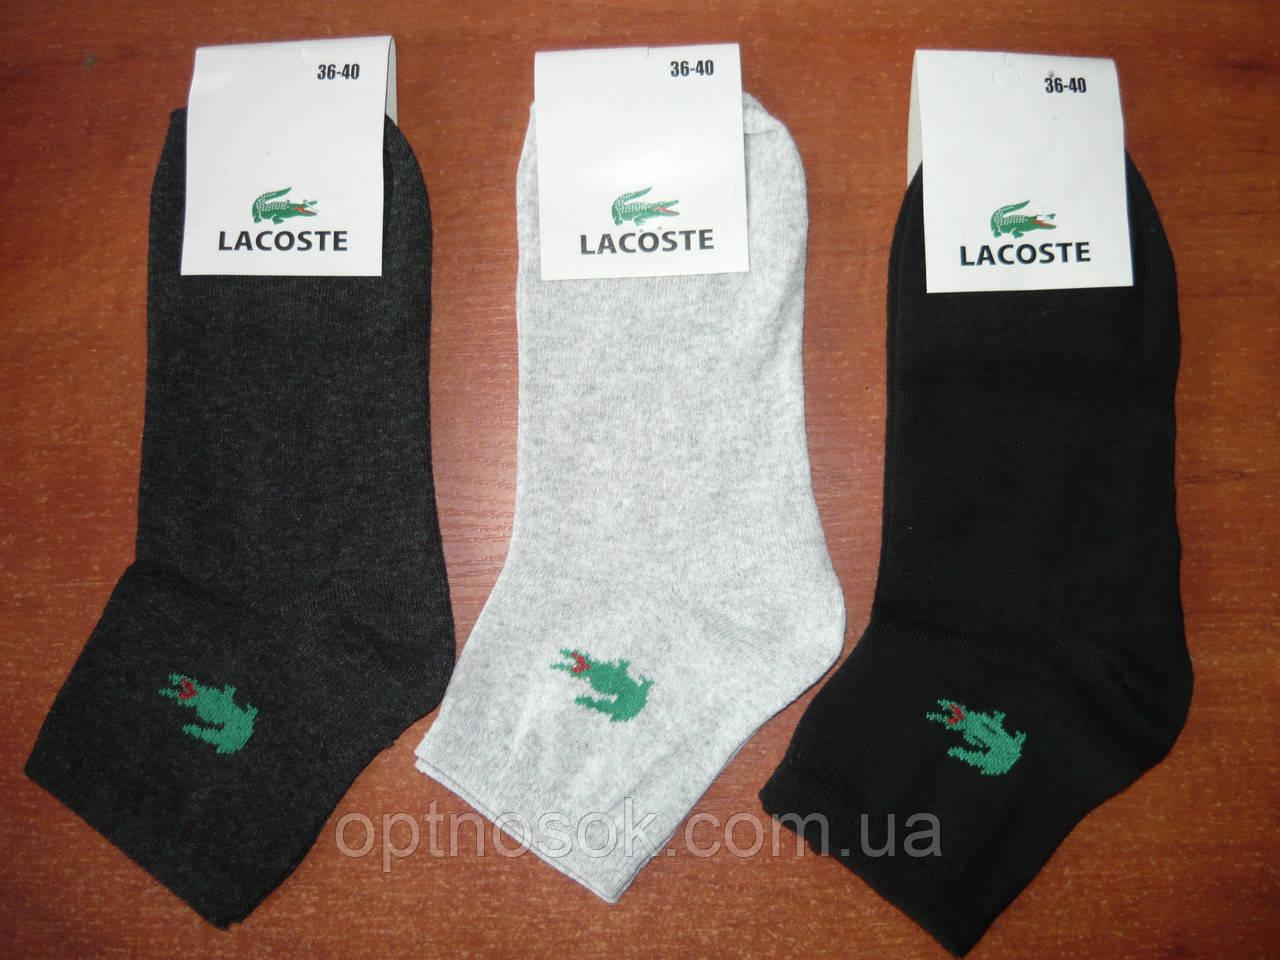 """Женские носки """"в стиле"""" """"Lacoste"""". Спорт. р. 36-40."""